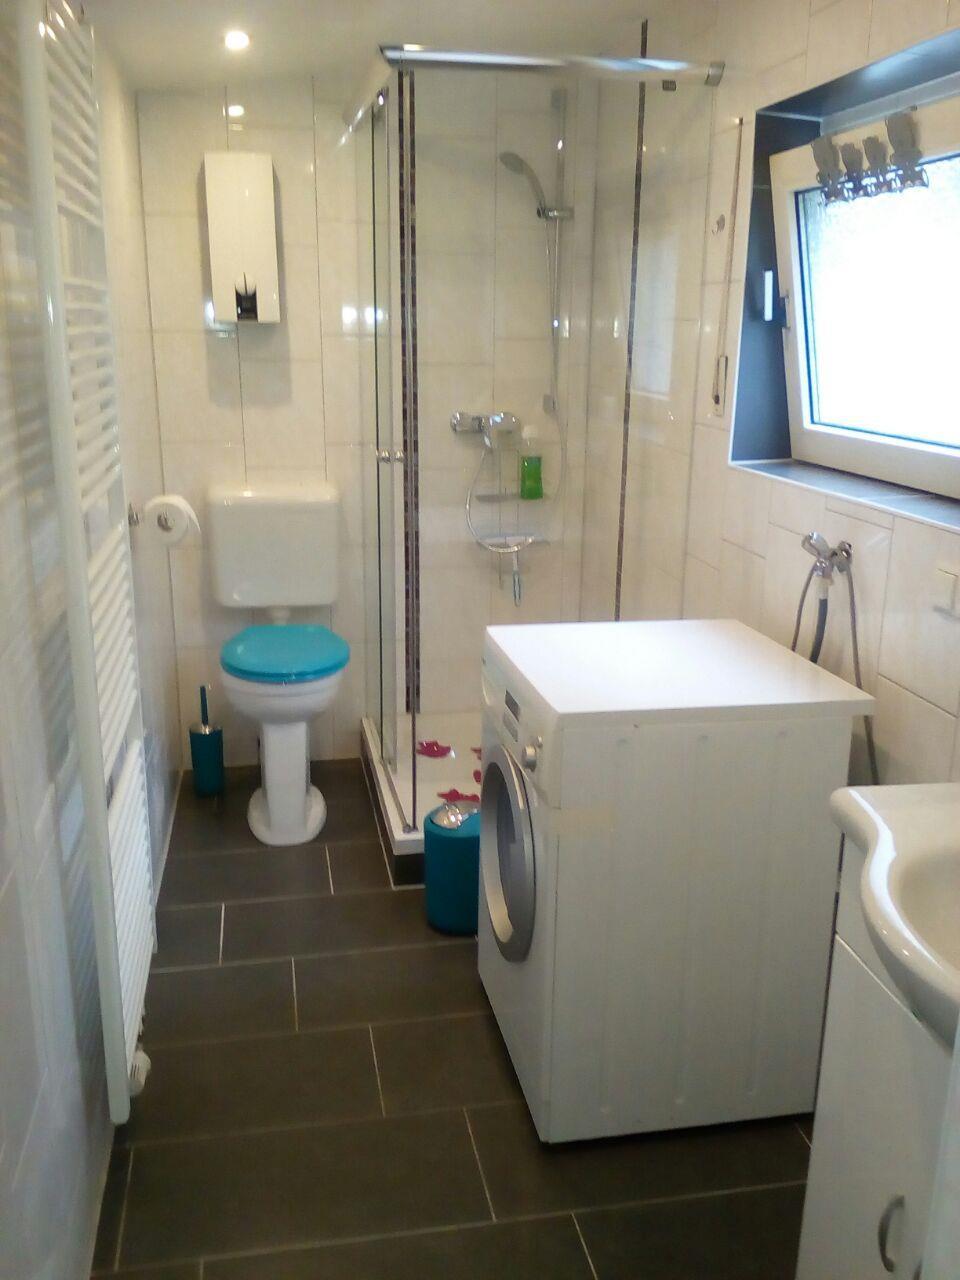 angelika hensler appartement/fewo, bad, wc,, Badezimmer ideen